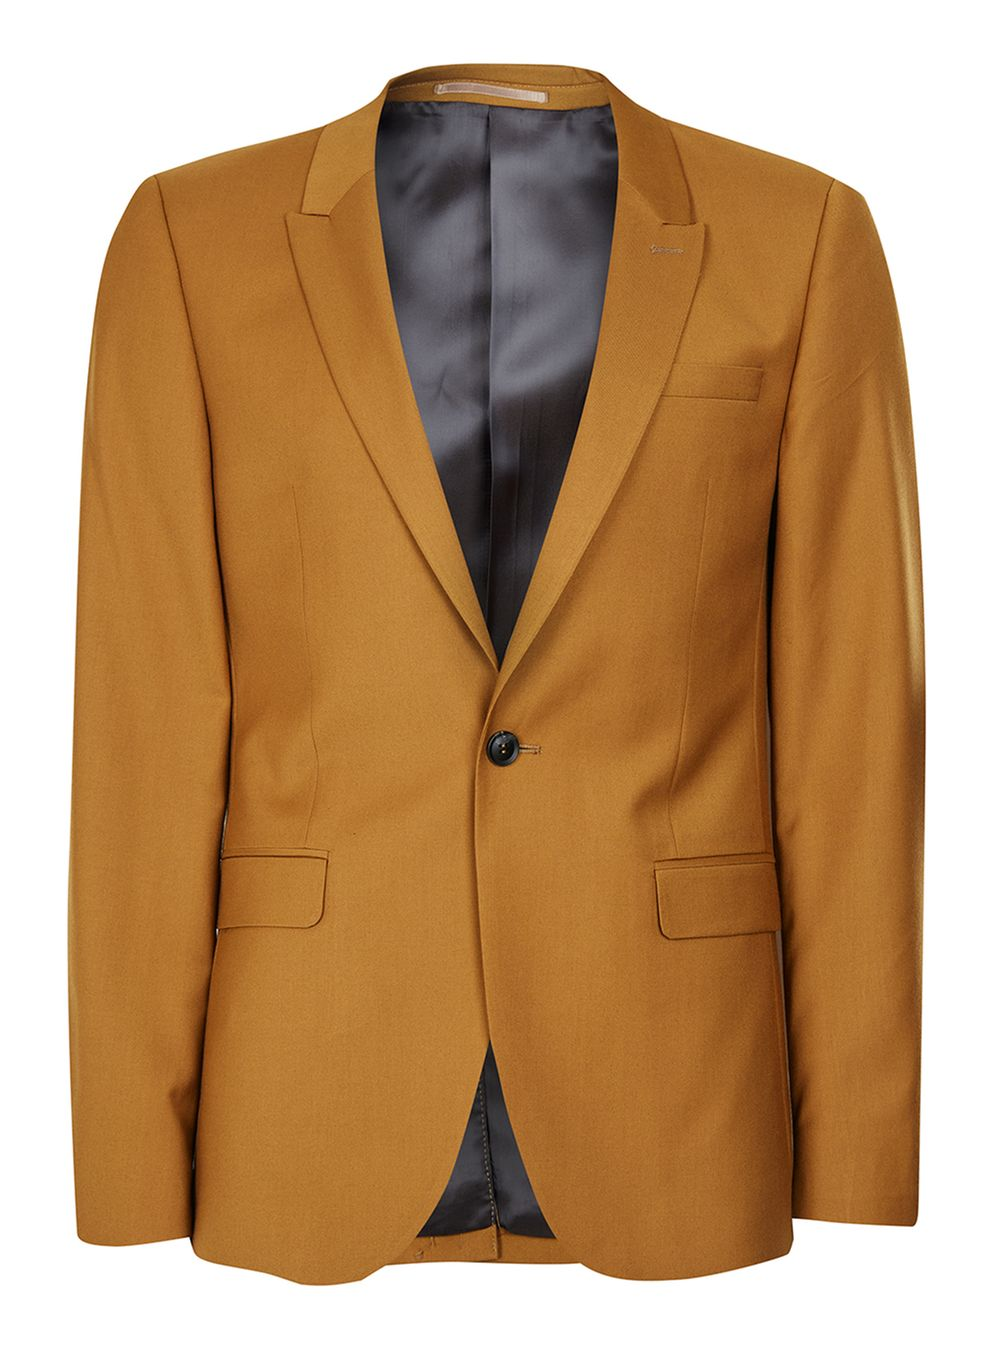 topman-suit-torn-paper-print-ss-woven-camel-suit.jpg